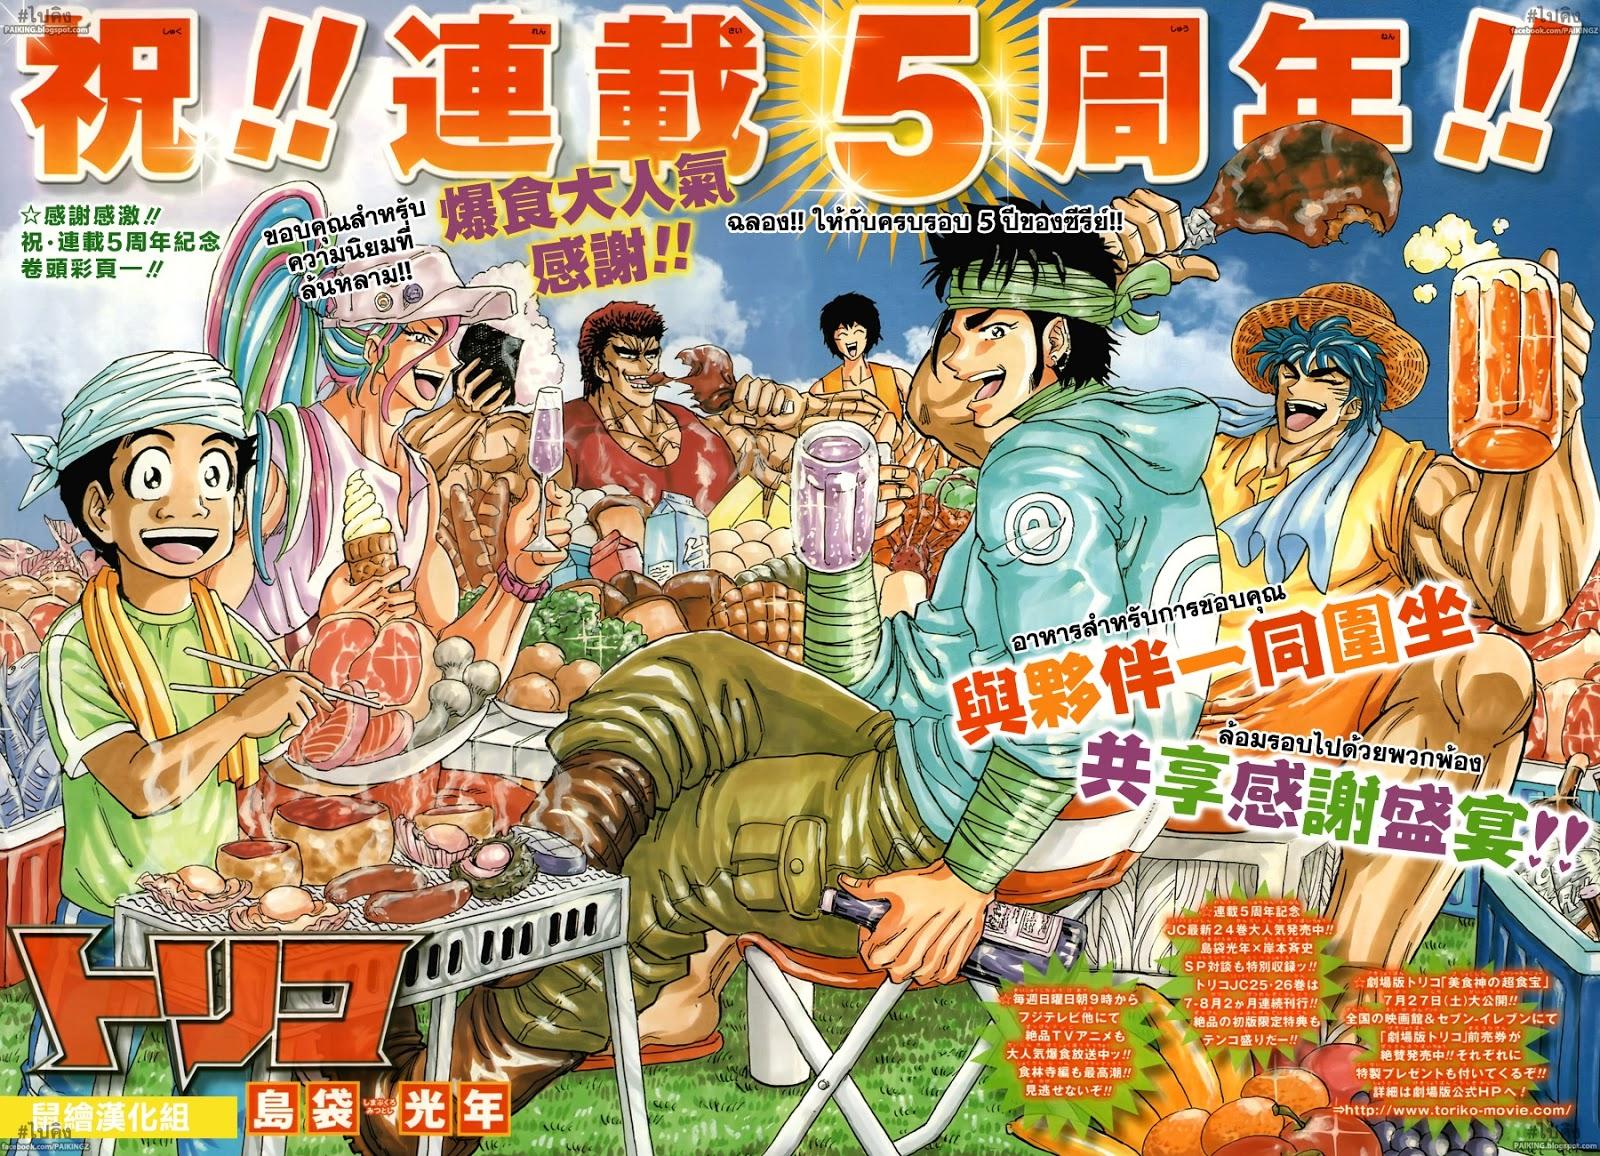 อ่านการ์ตูน Toriko237 แปลไทย การต่อสู้ที่มอดไหม้